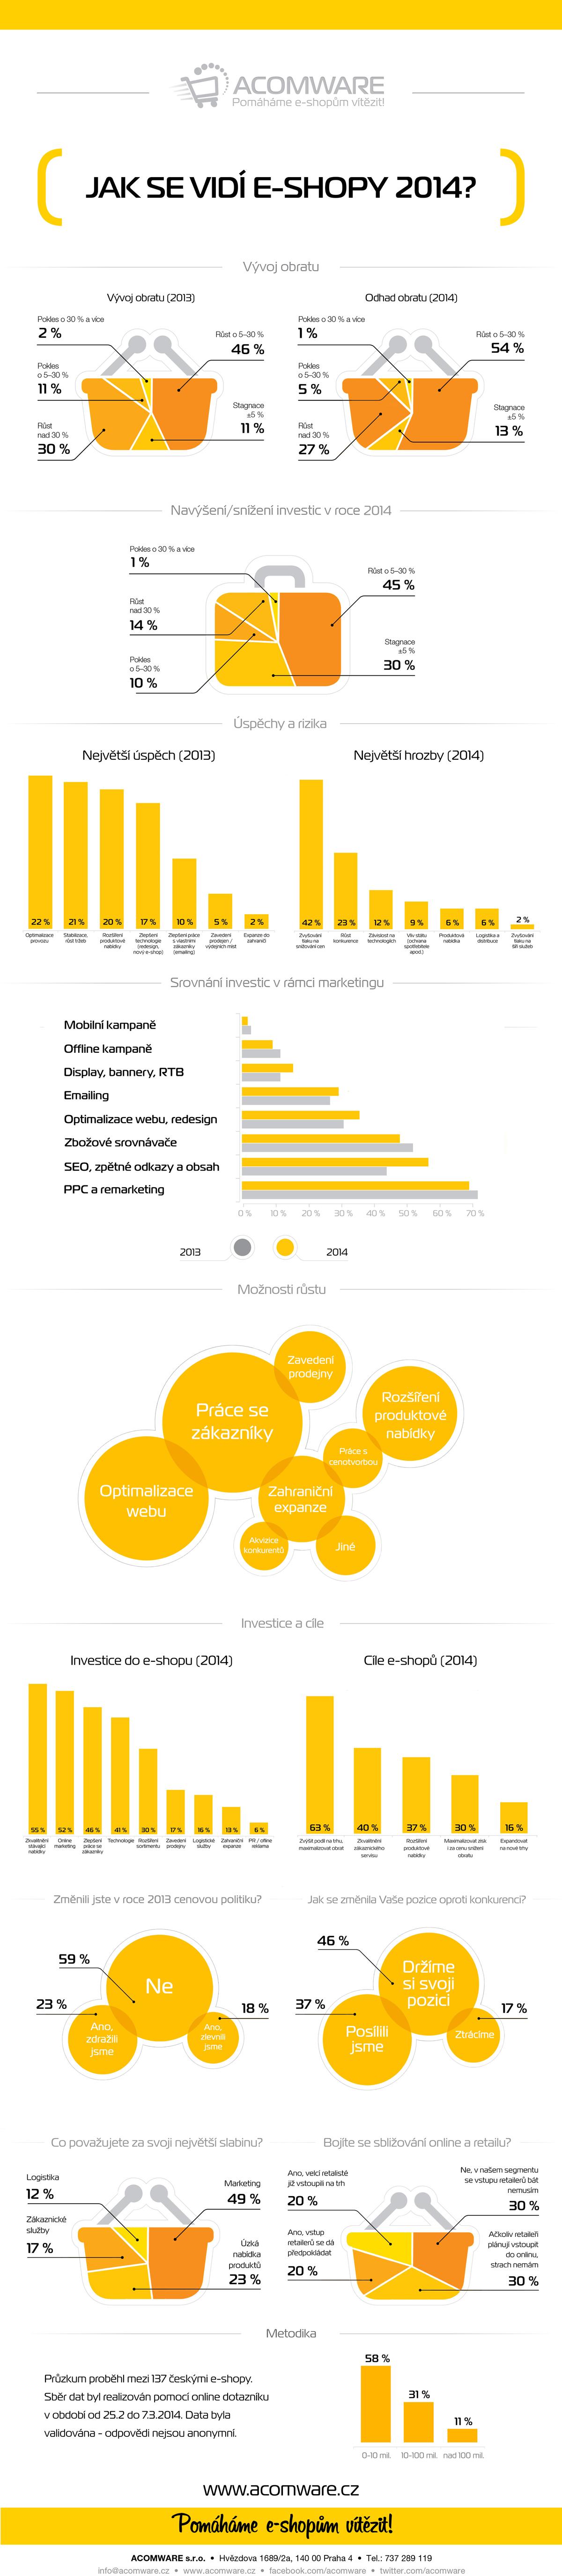 26-jak-se-vidi-e-shopy-2014-infografika-zmenseno